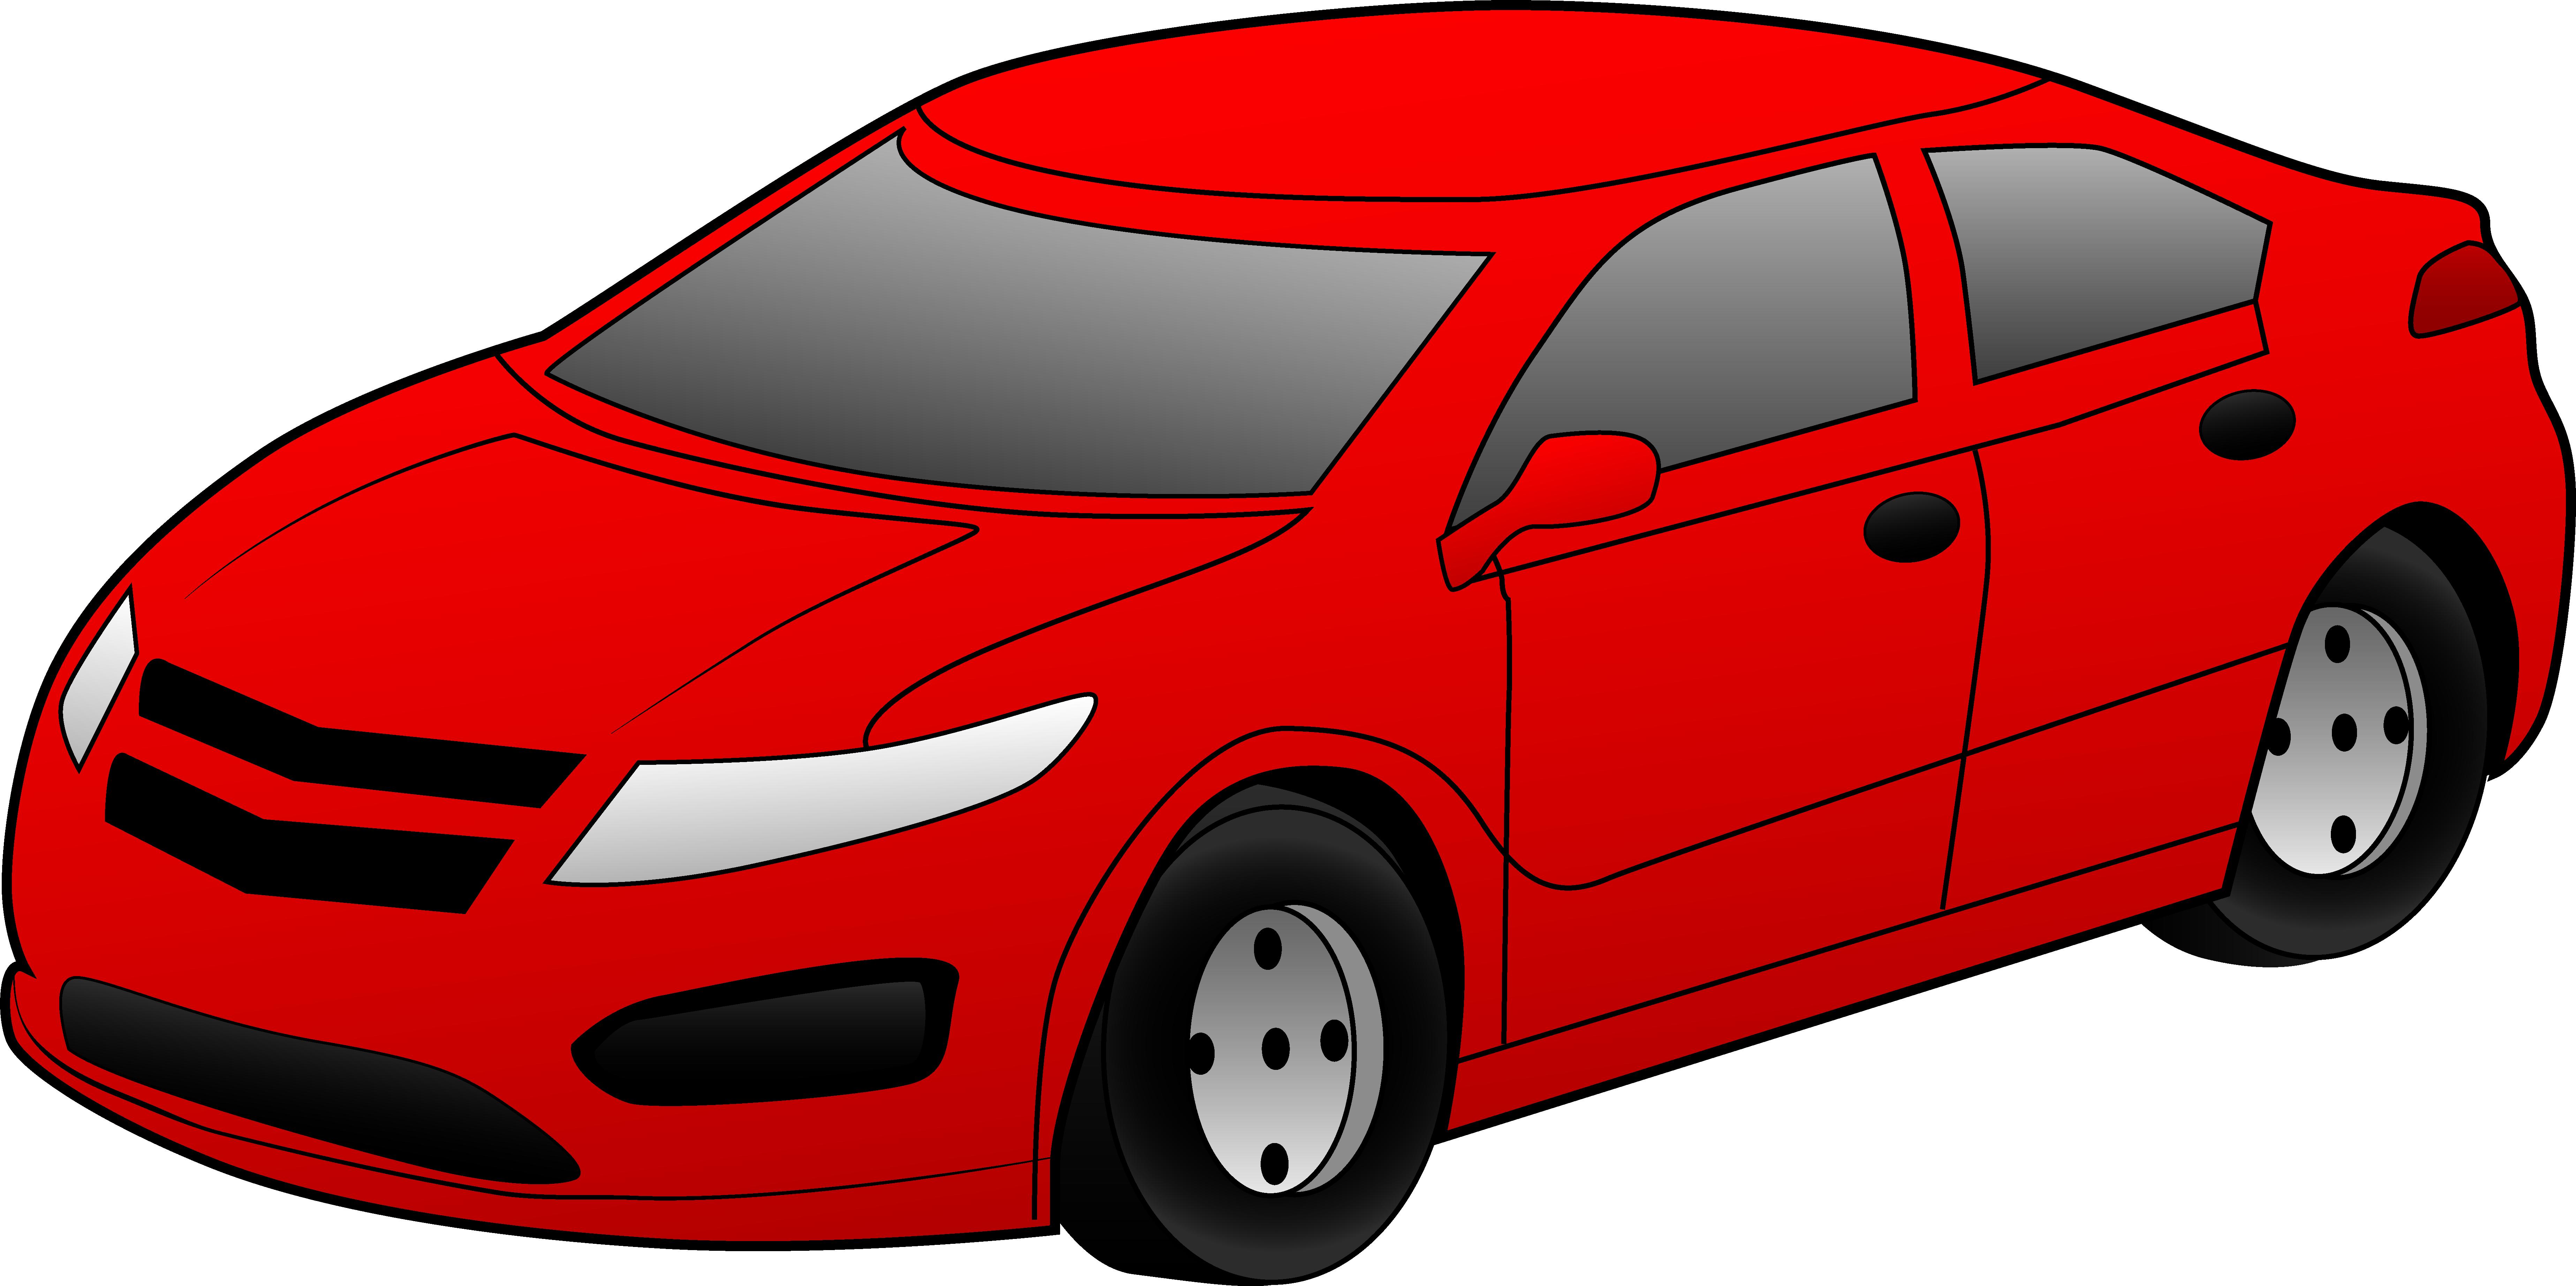 7387x3689 Top 77 Car Clip Art